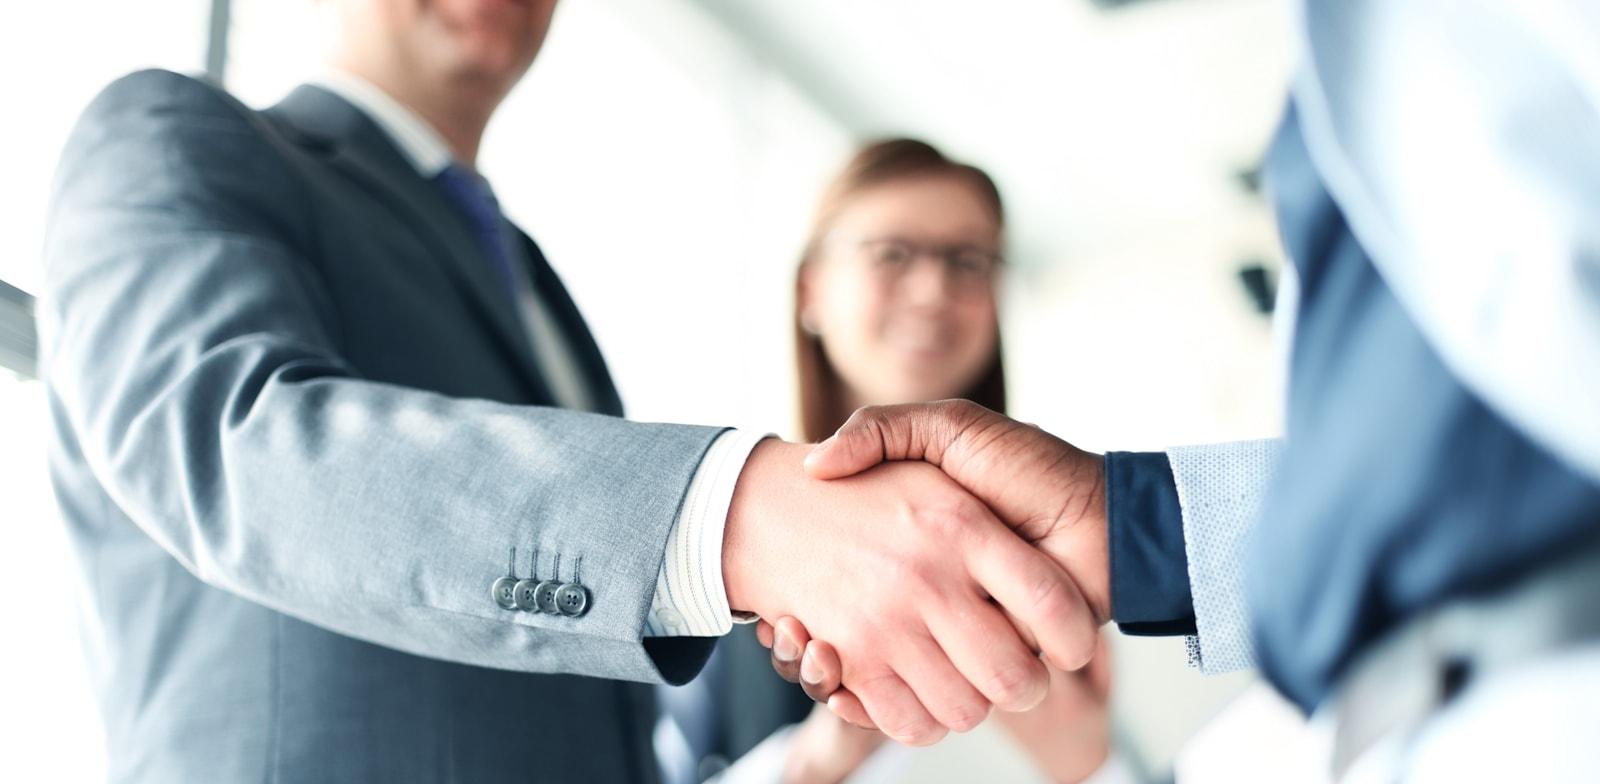 בנק מזרחי טפחות מתמקד במהלך השנים האחרונות במגזר העסקי בכלל ובמגזר ה-MM בפרט / צילום: Shutterstock